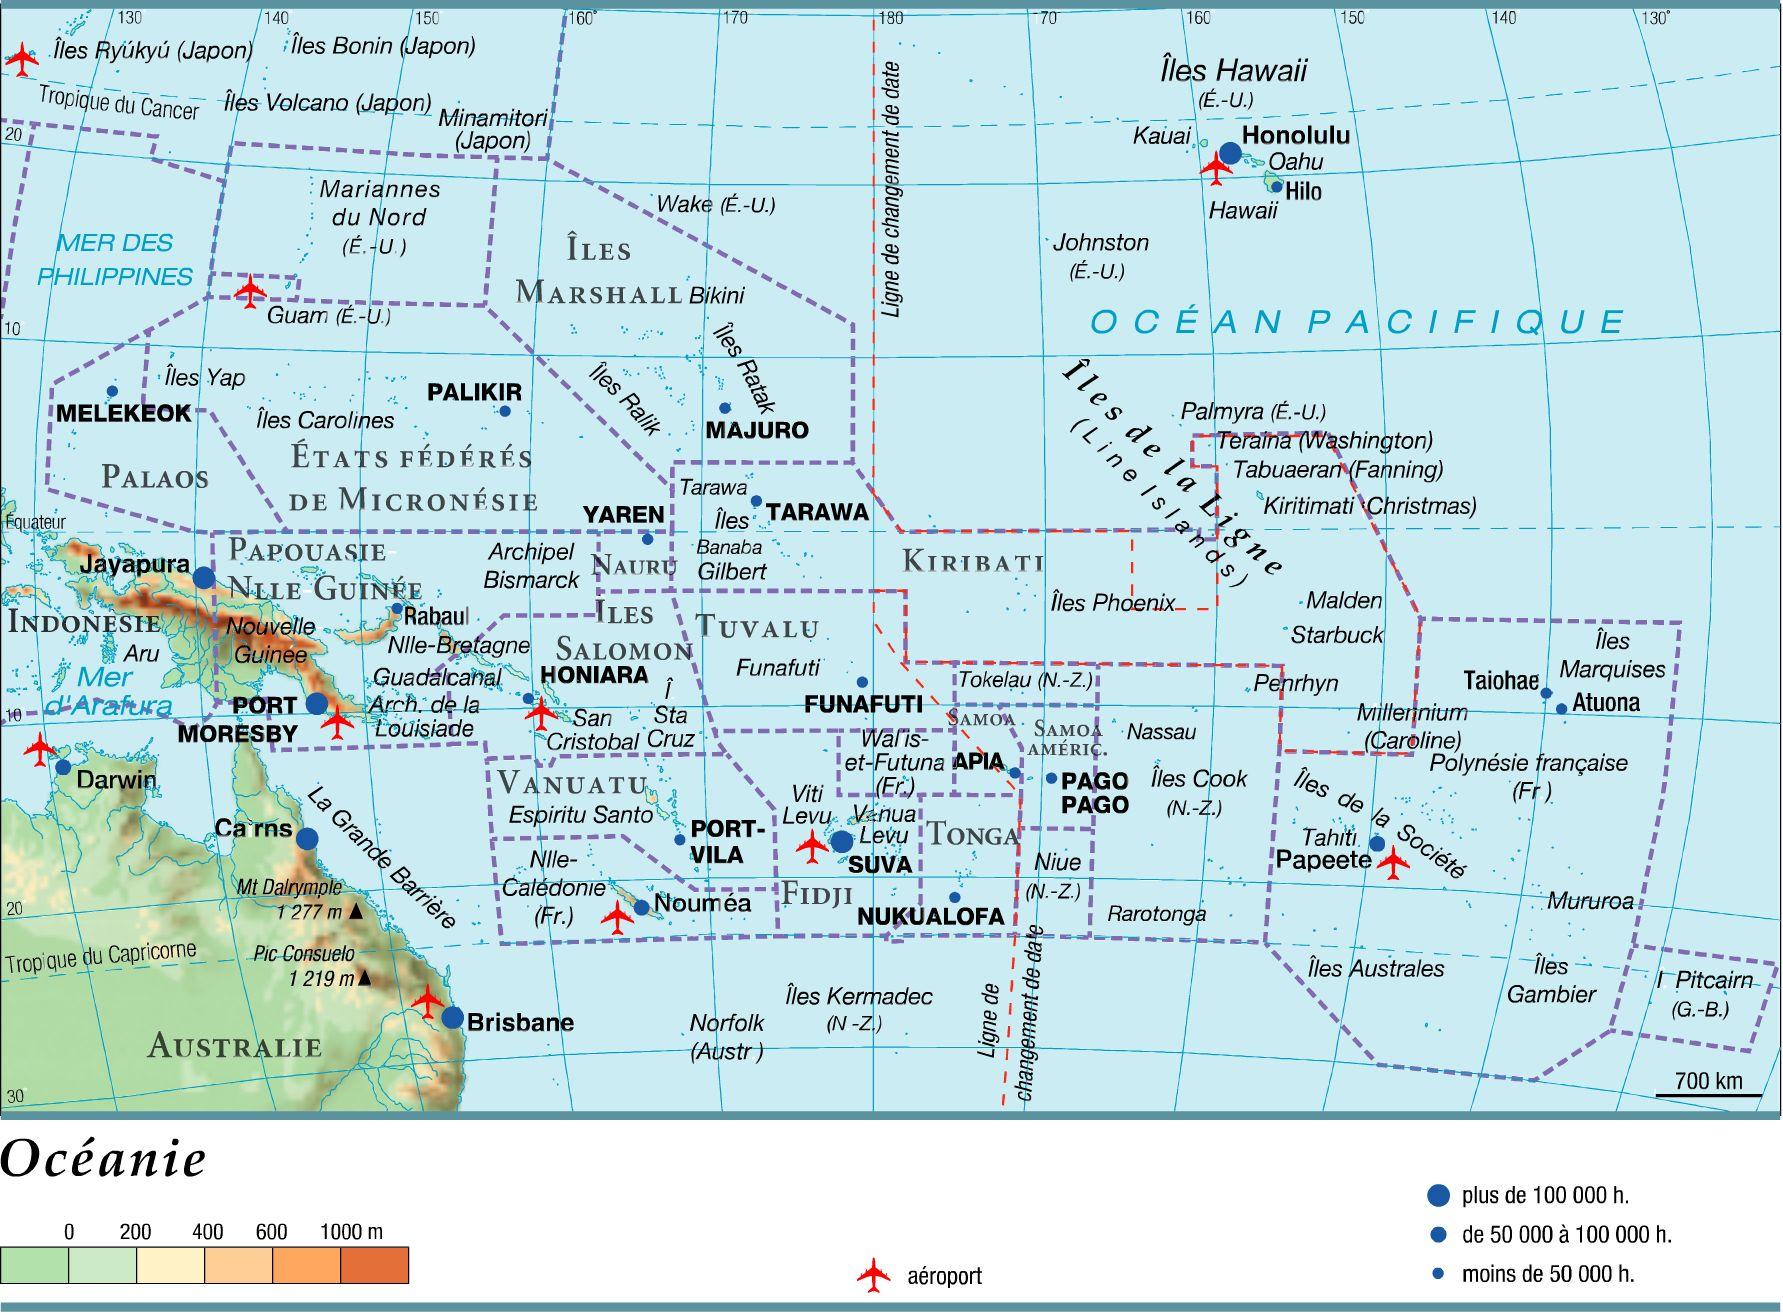 Autre carte de l'Océanie